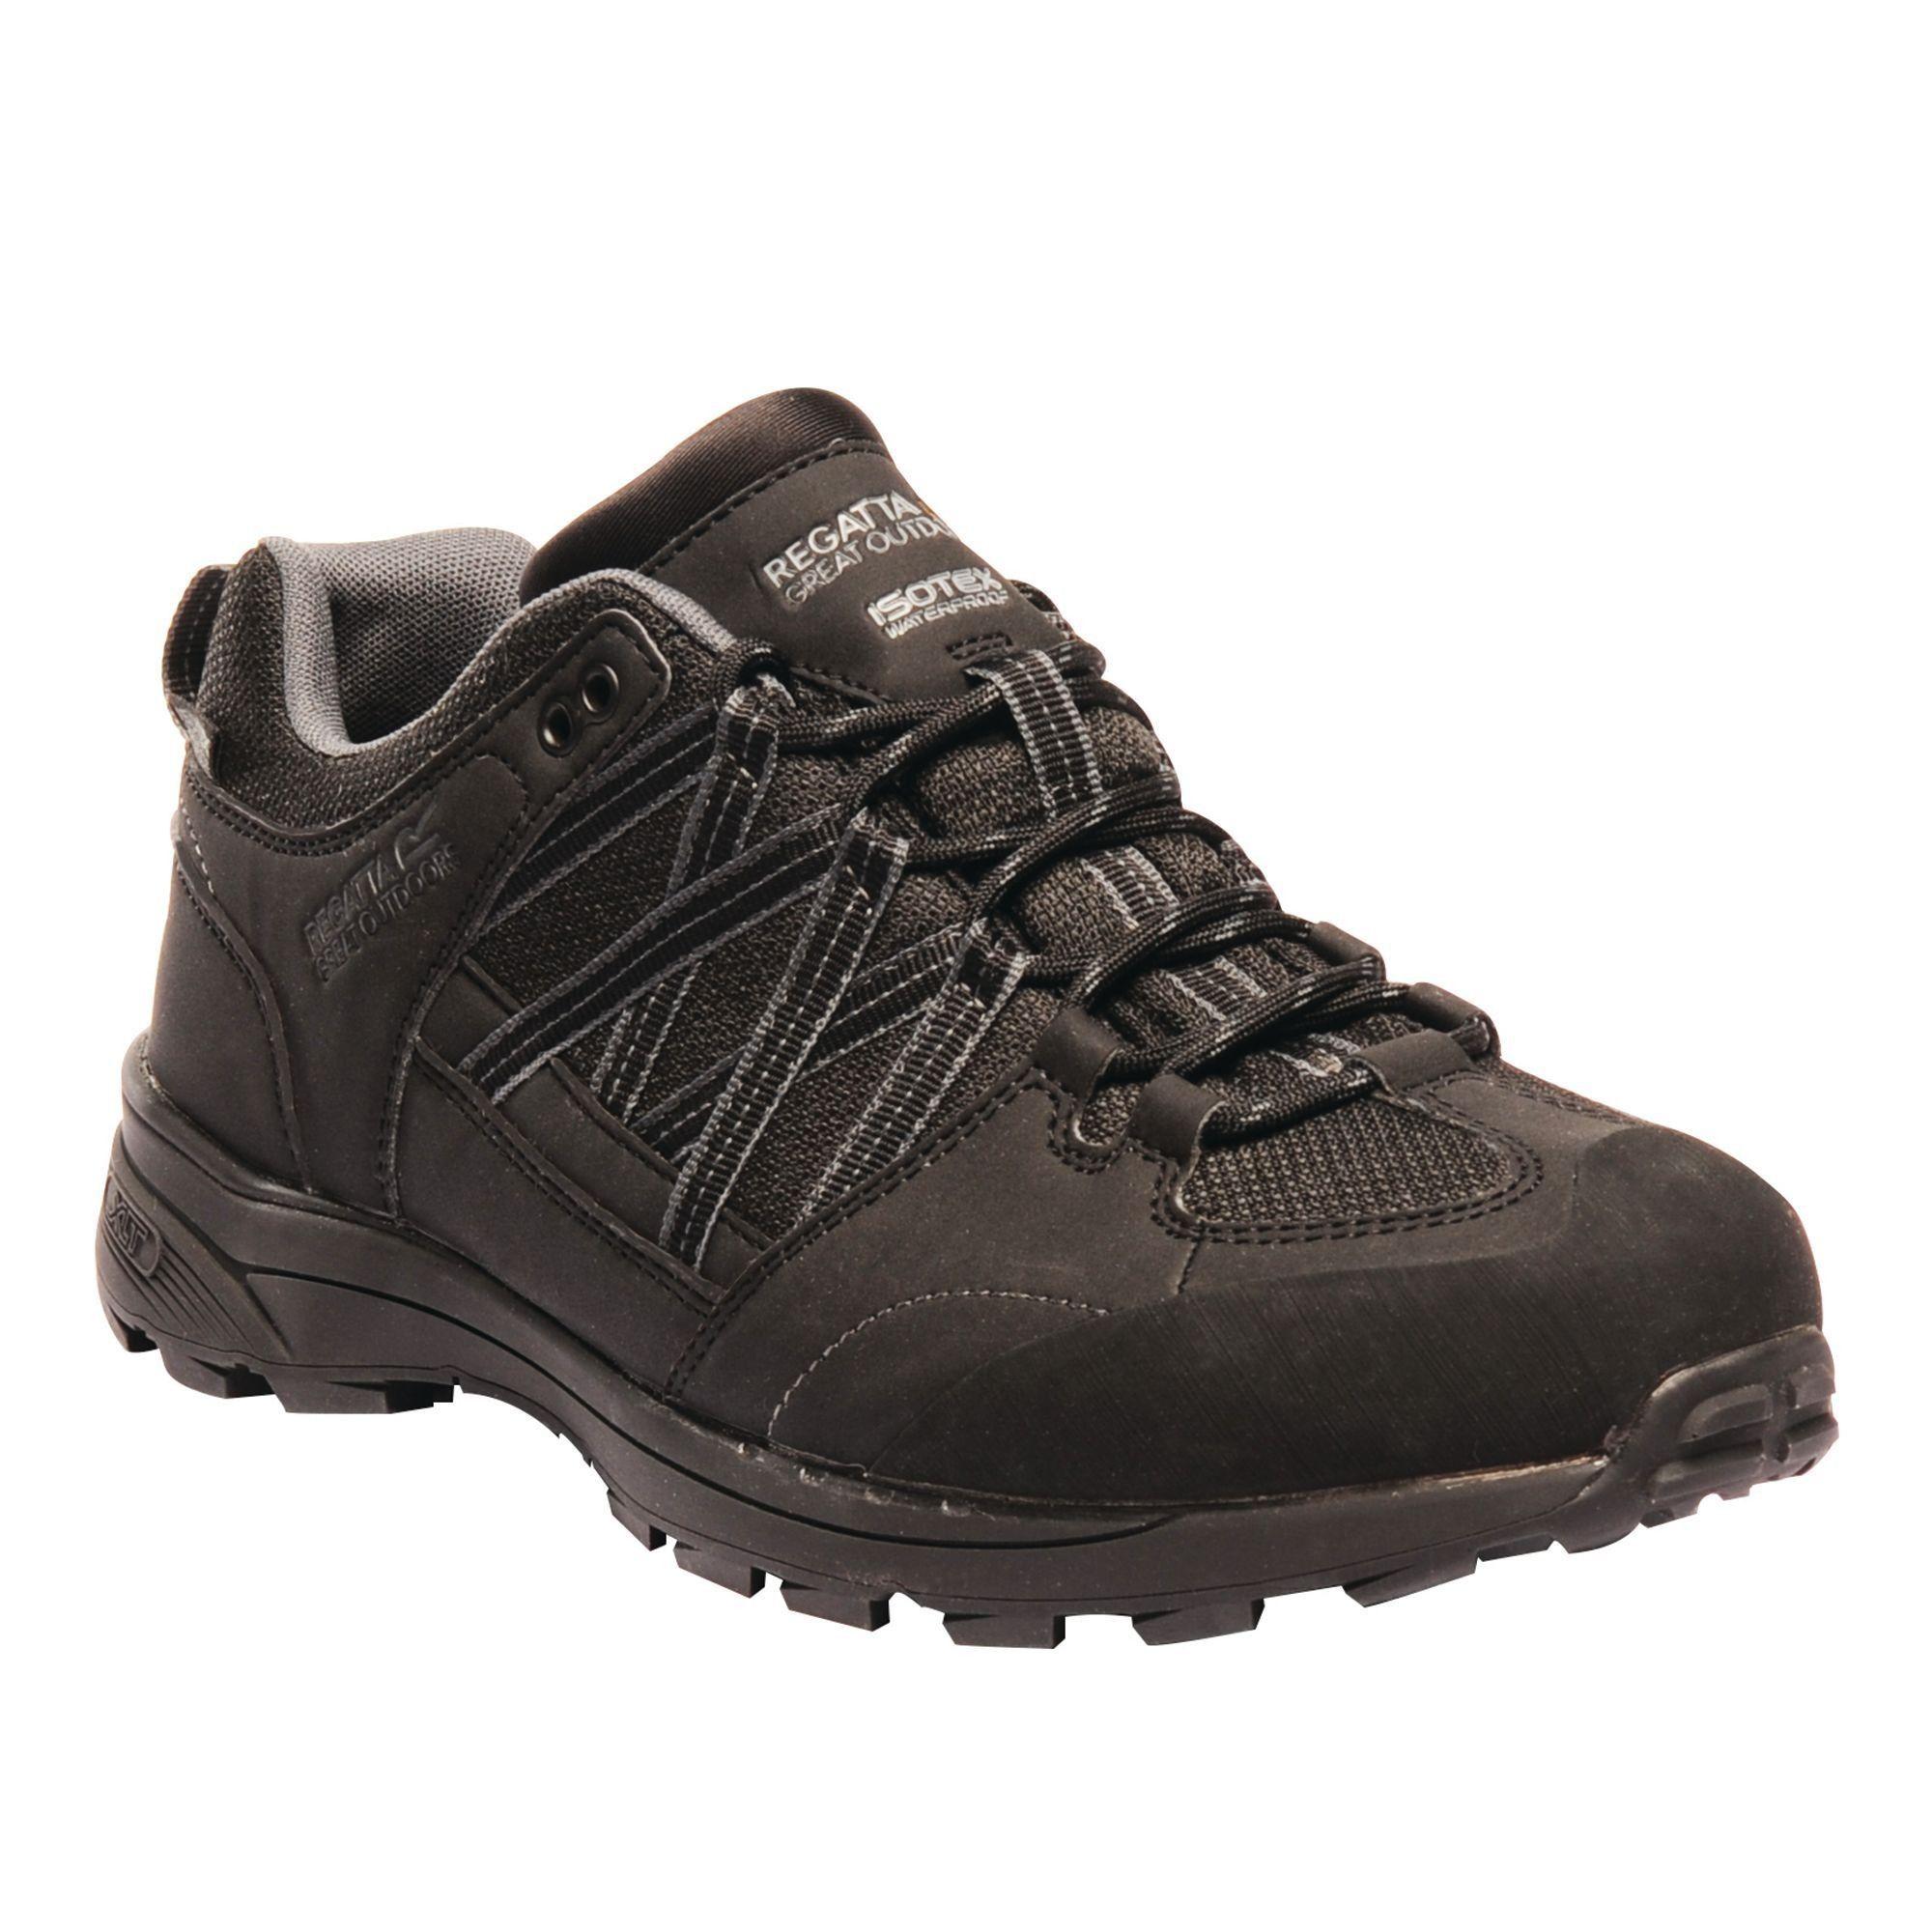 Regatta Mens Samaris Low II Hiking Boots